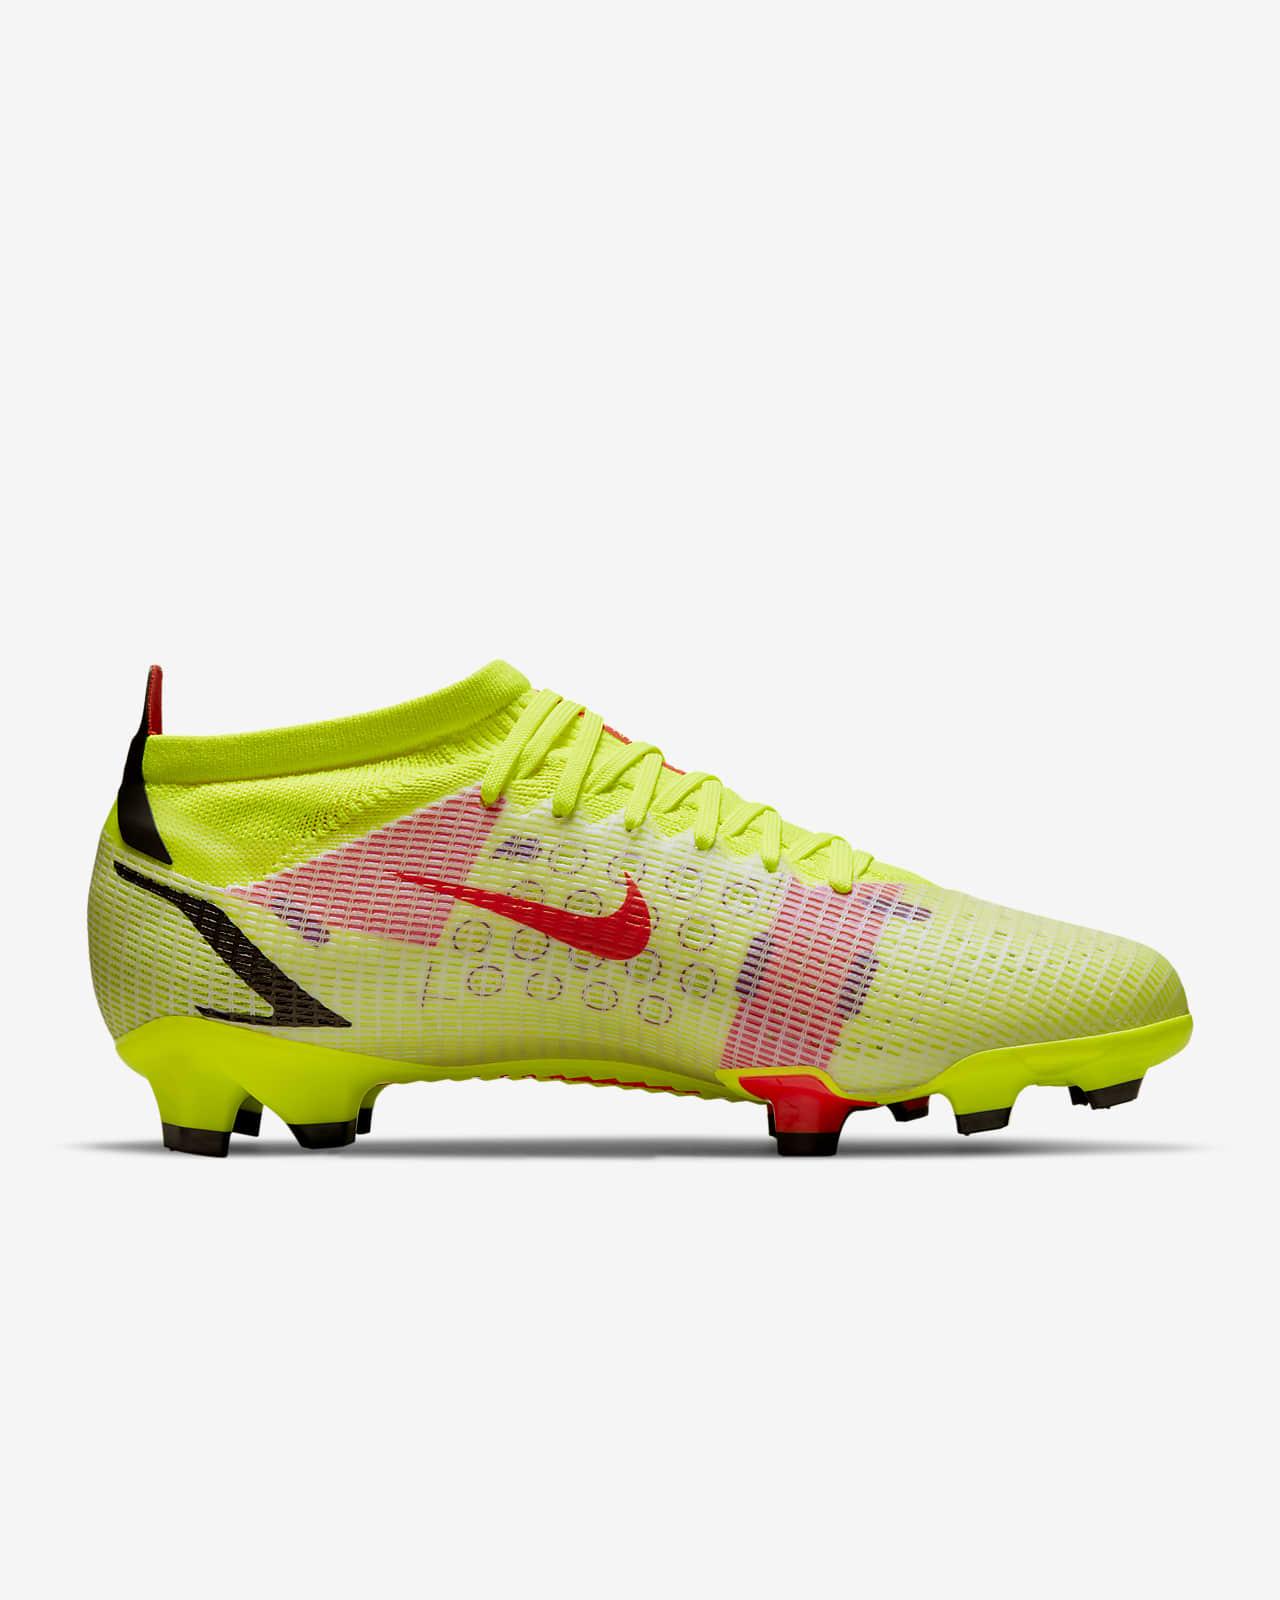 Chaussure de football à crampons pour terrain sec Nike Mercurial Vapor 14 Pro FG